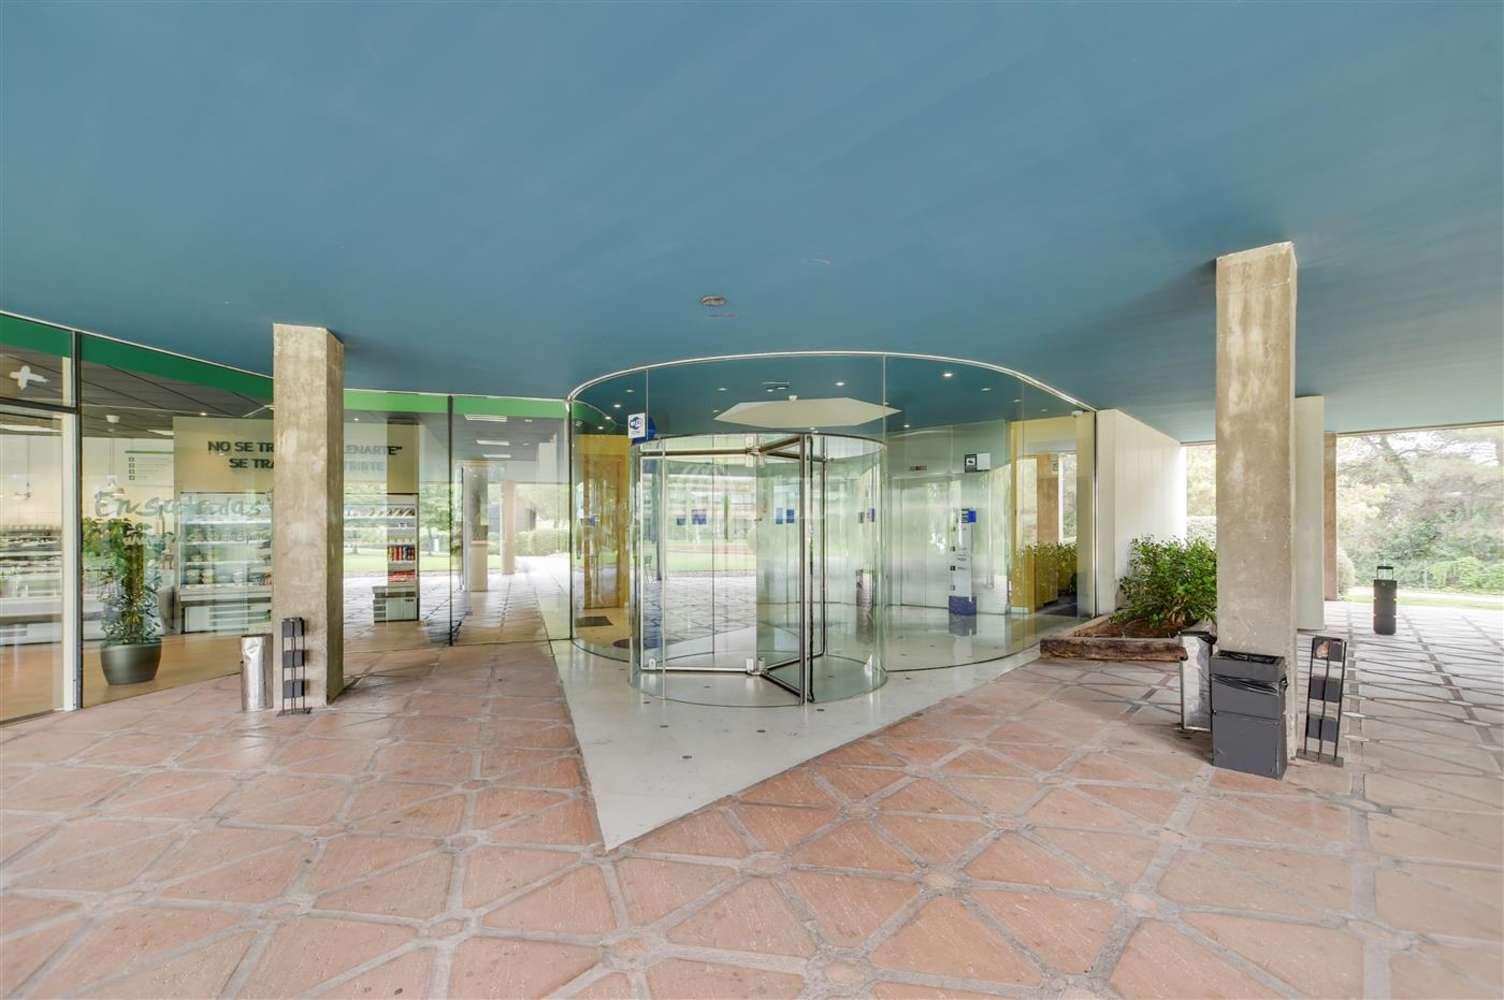 Oficina Sant cugat del vallès, 08174 - P.E. SANT JOAN - Sant Cugat I - 20492